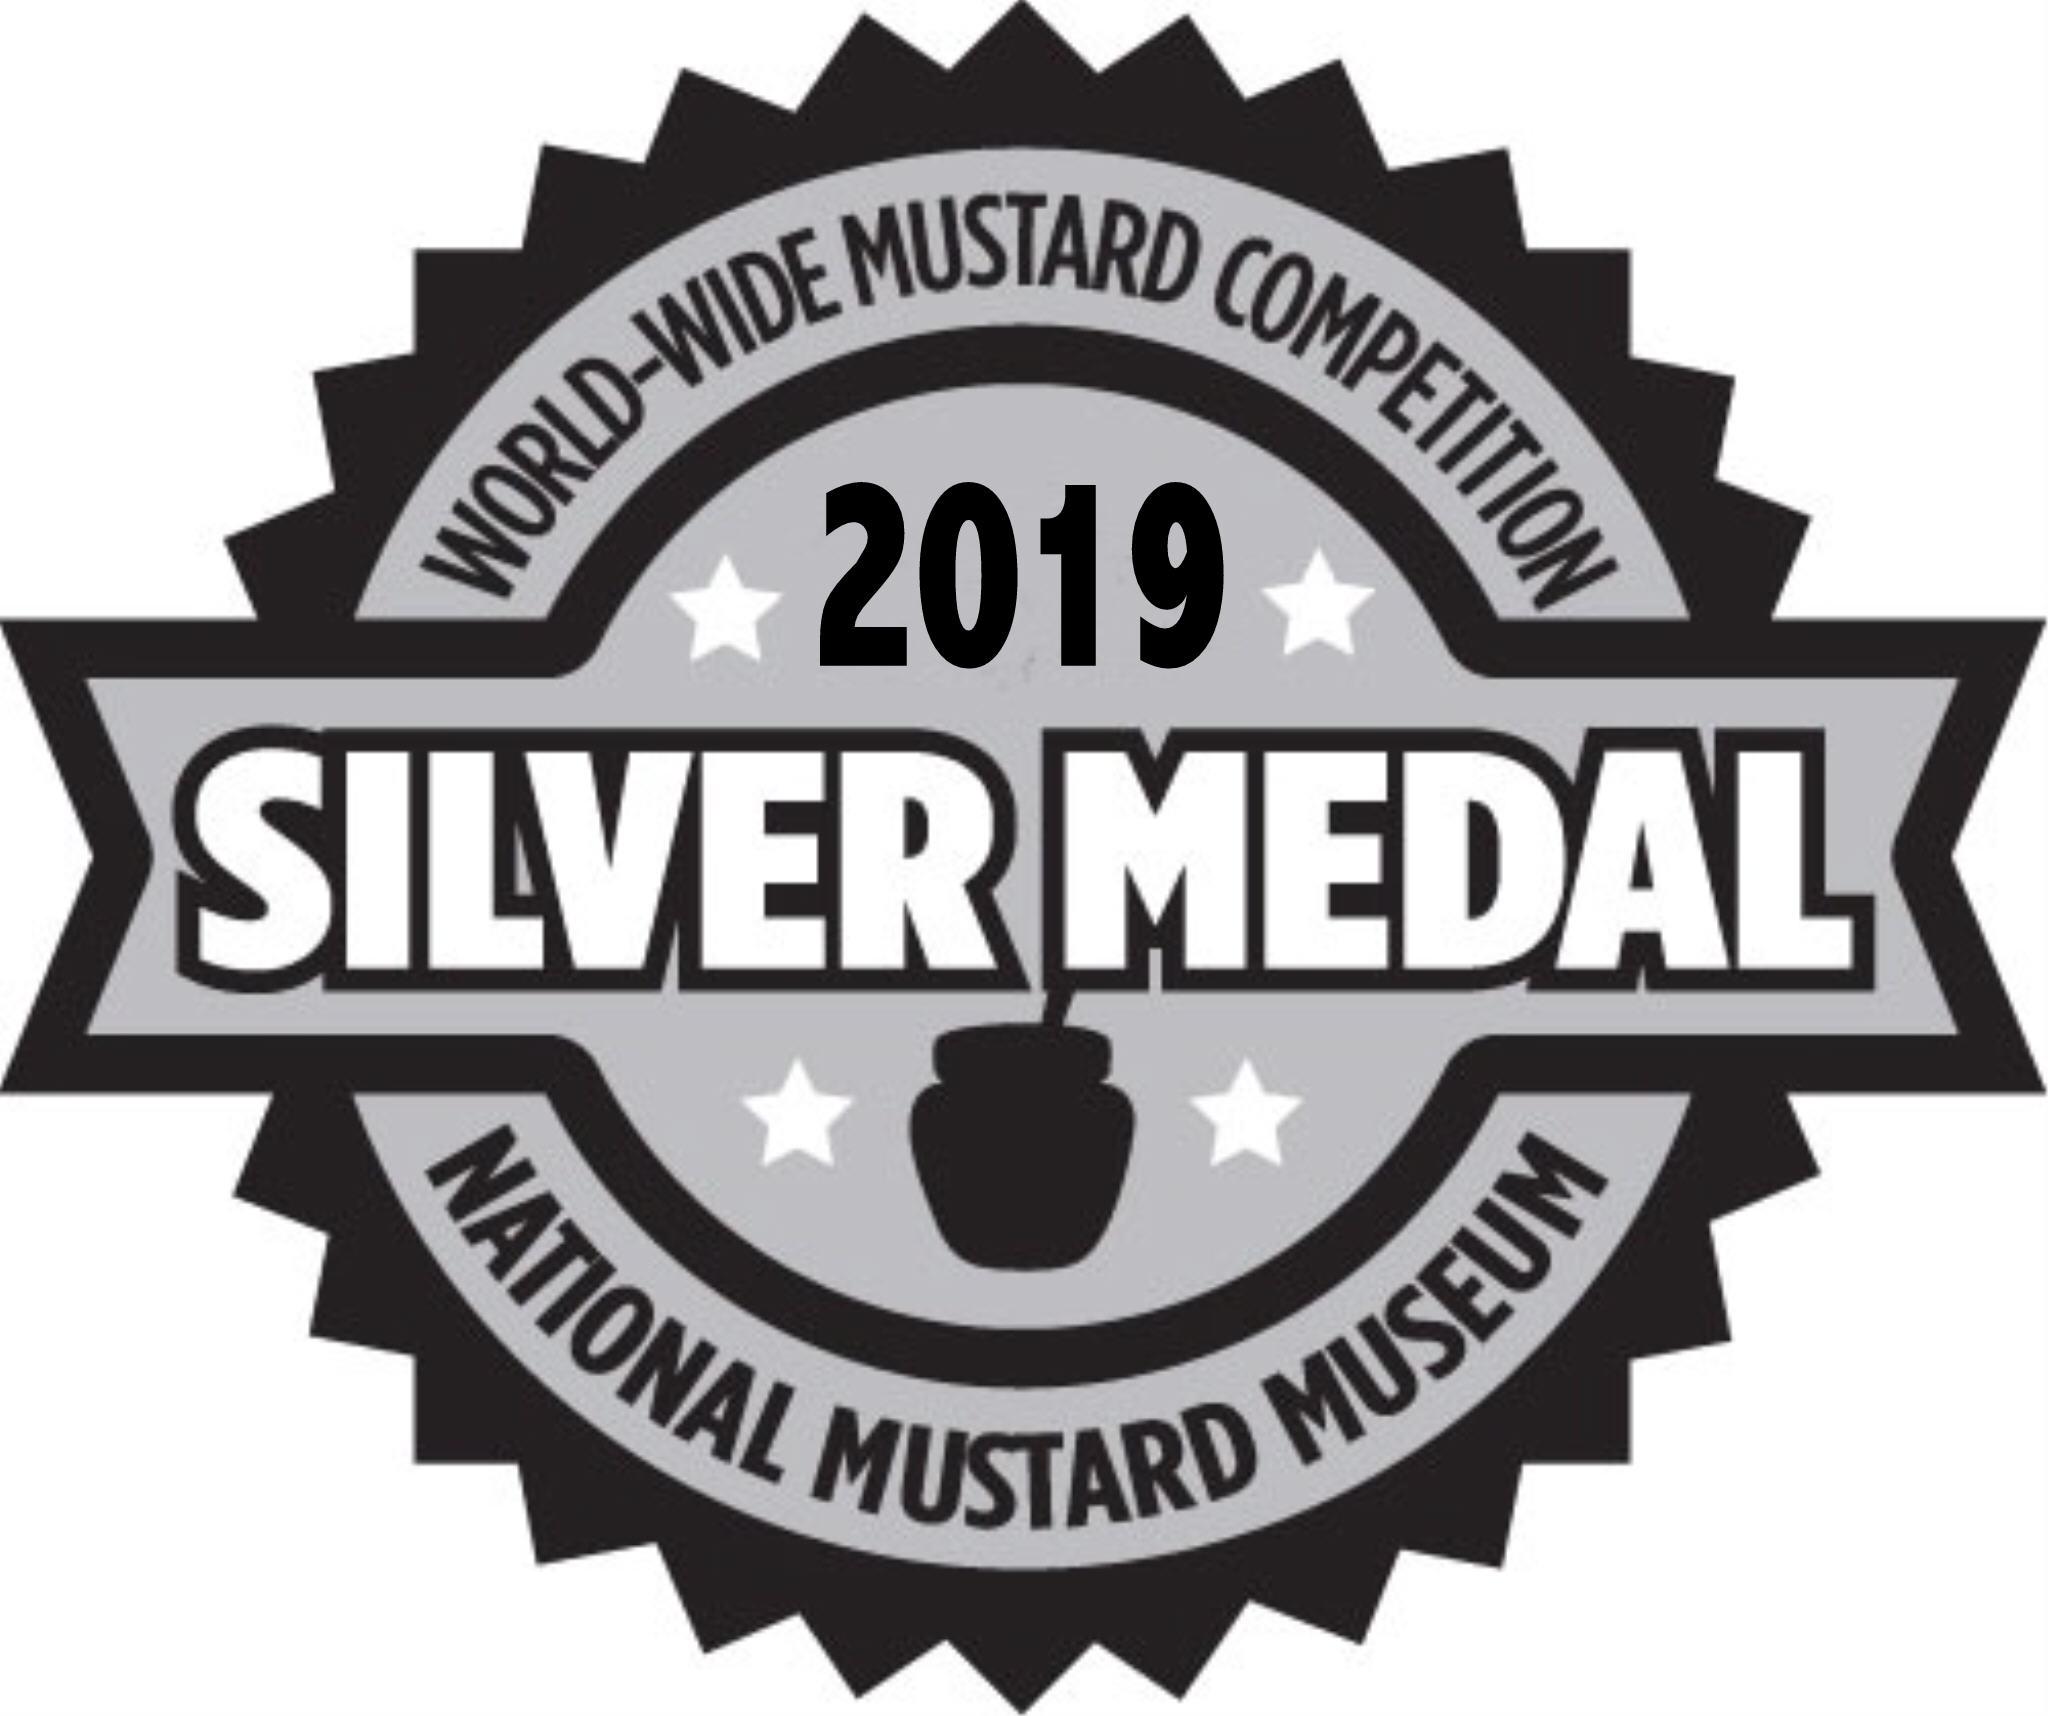 Silver Medal - MUSTARD -